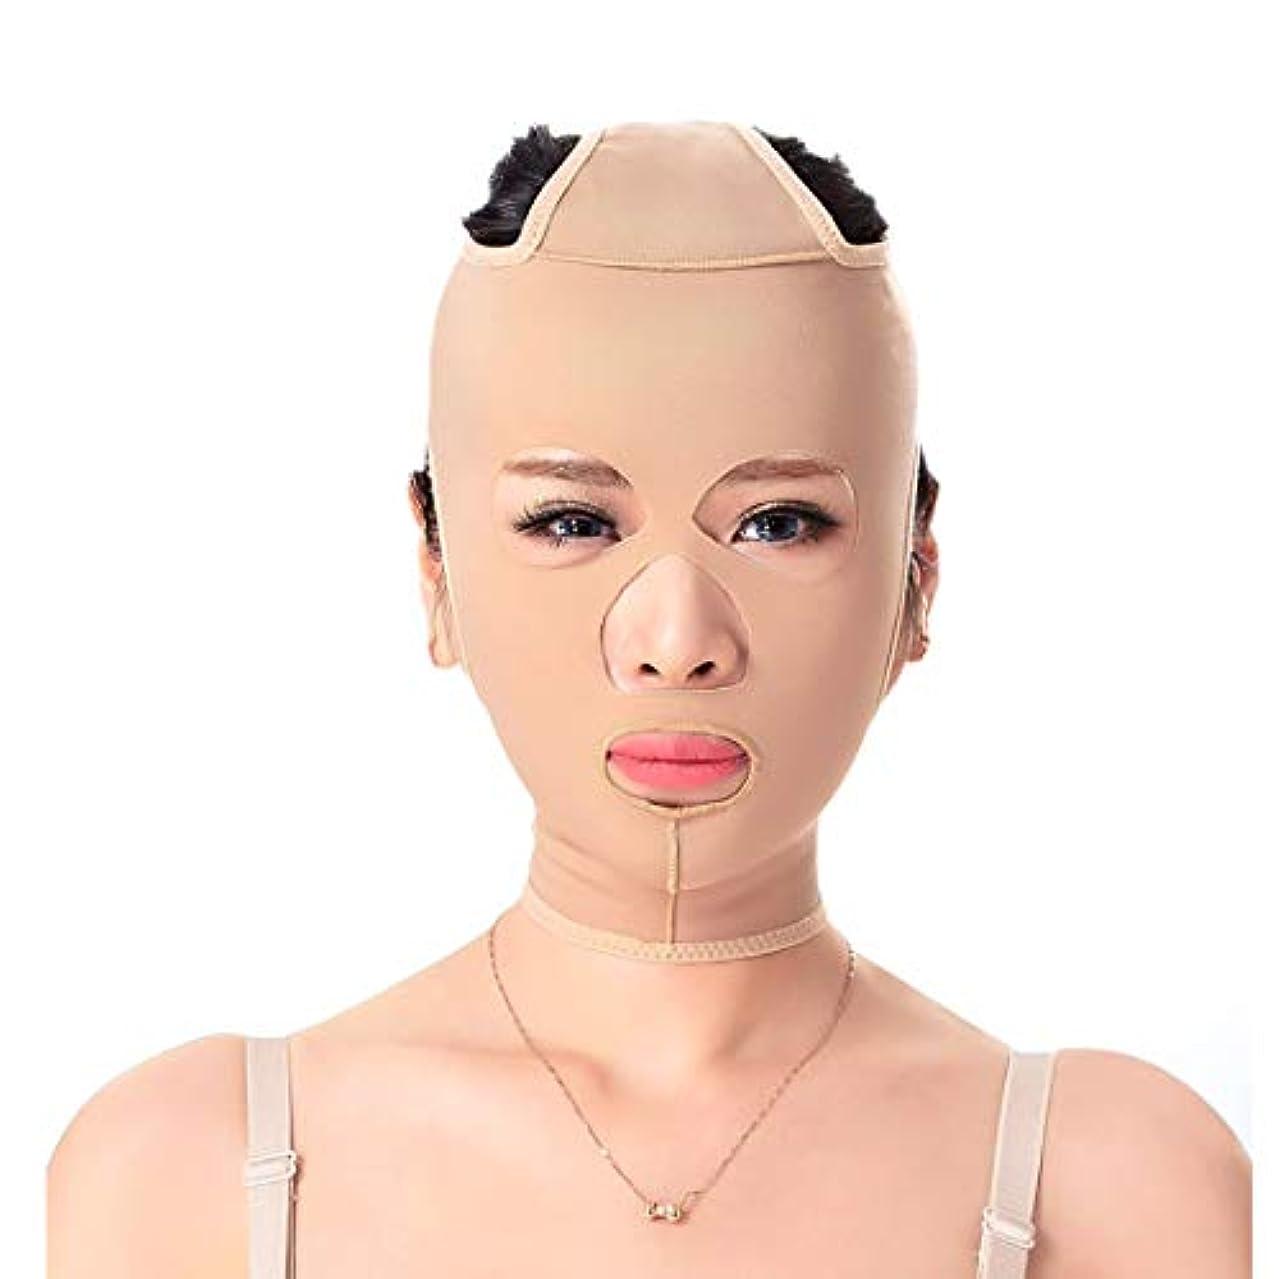 緩むアナウンサー意図するGLJJQMY 減量ベルトマスクフェイスマスクマスクパターン強化二重あご引き締め顔面顔面強力なフェイスリフティング包帯 顔用整形マスク (Size : XXL)